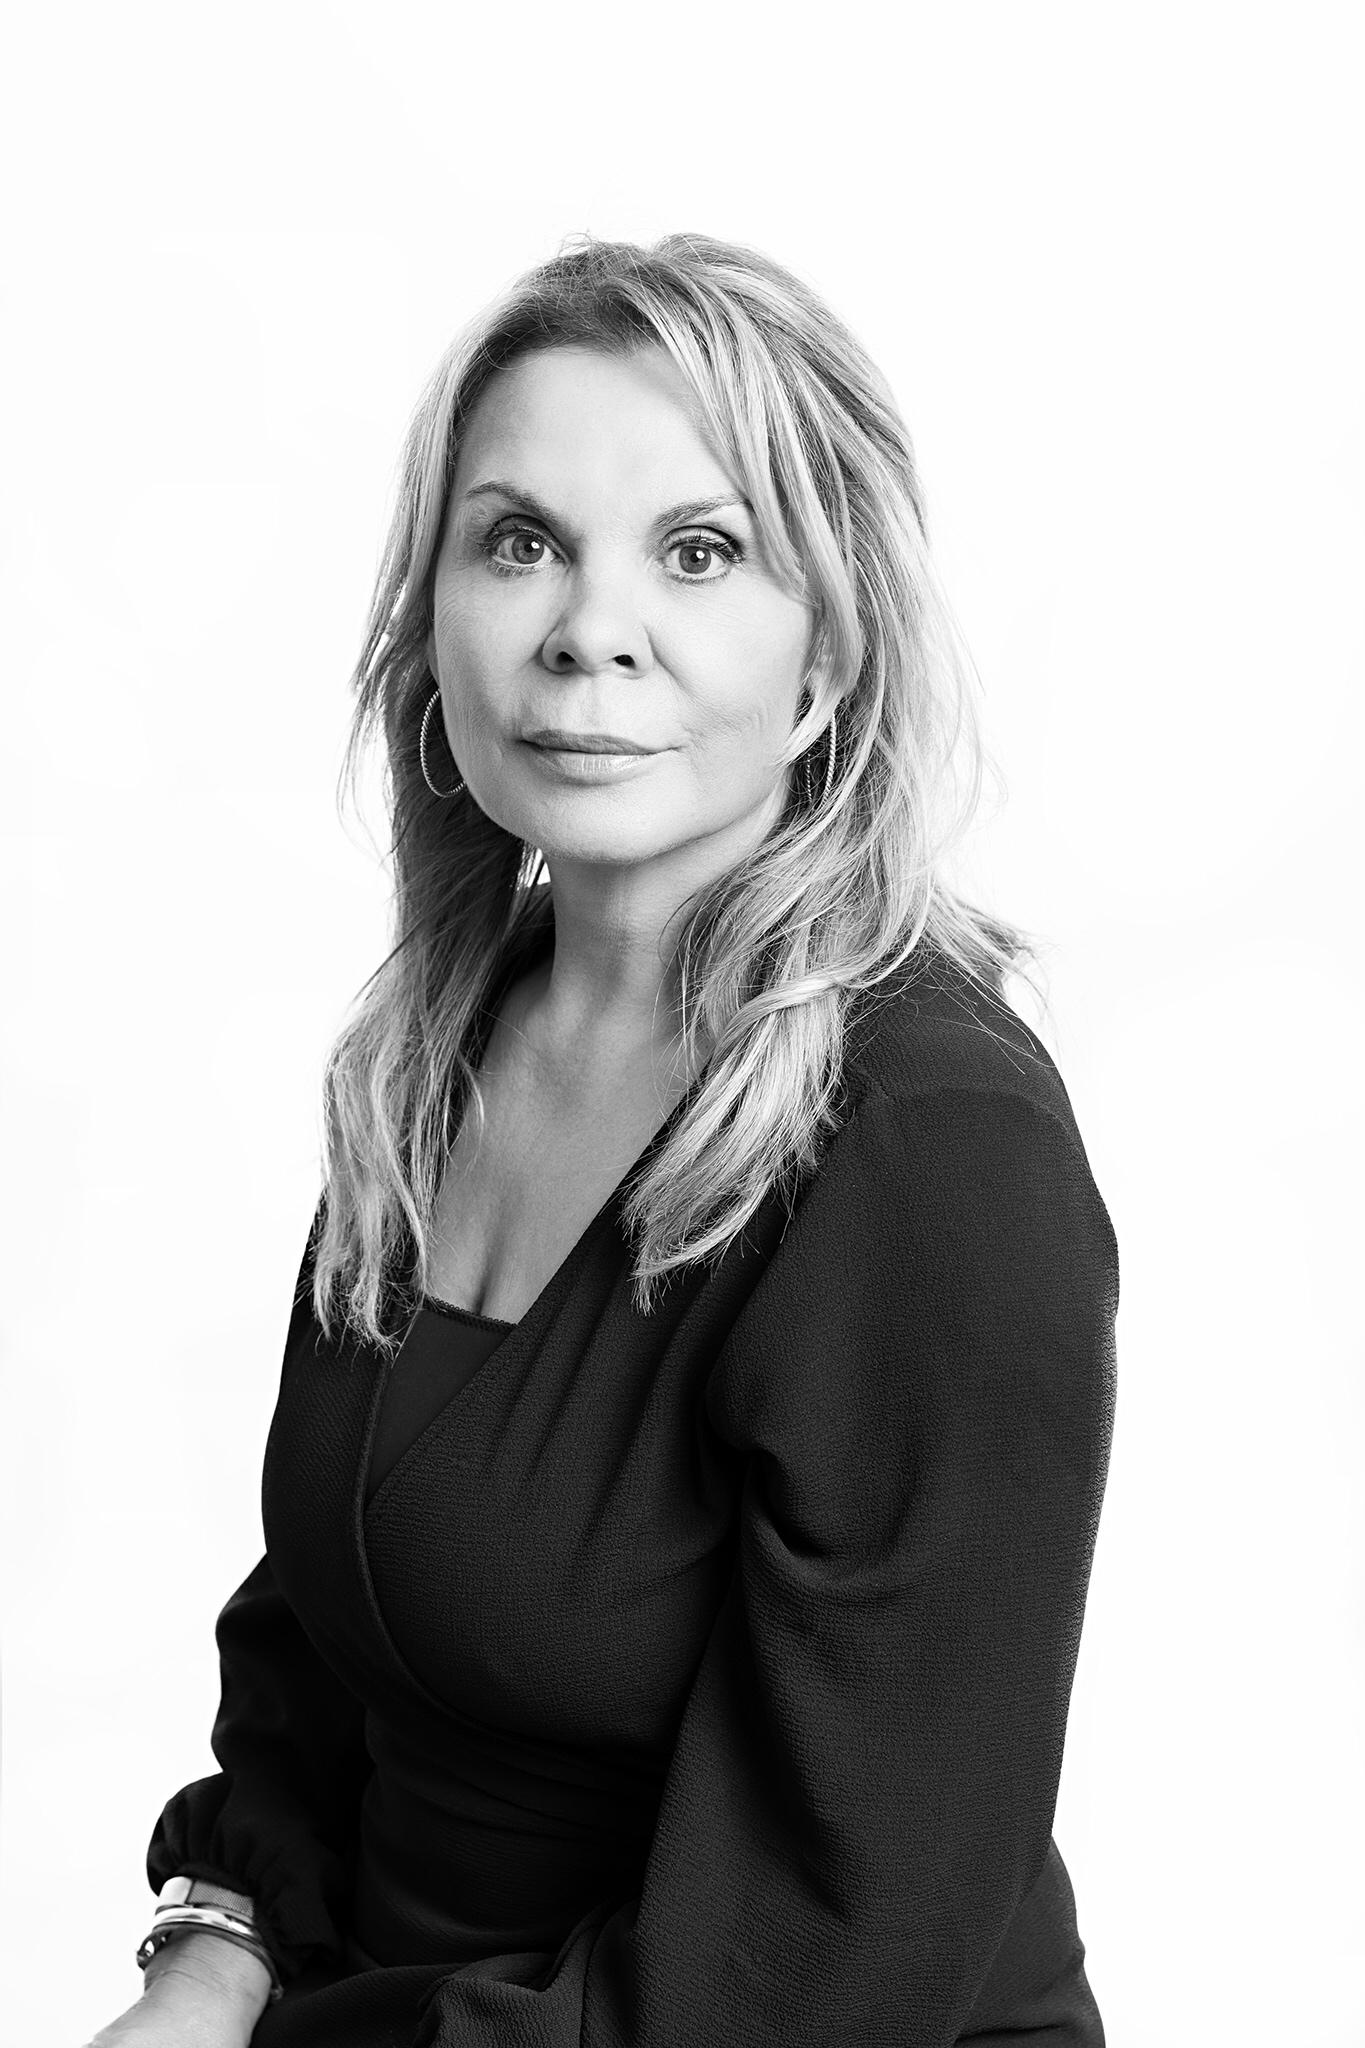 Marianne Joanknecht